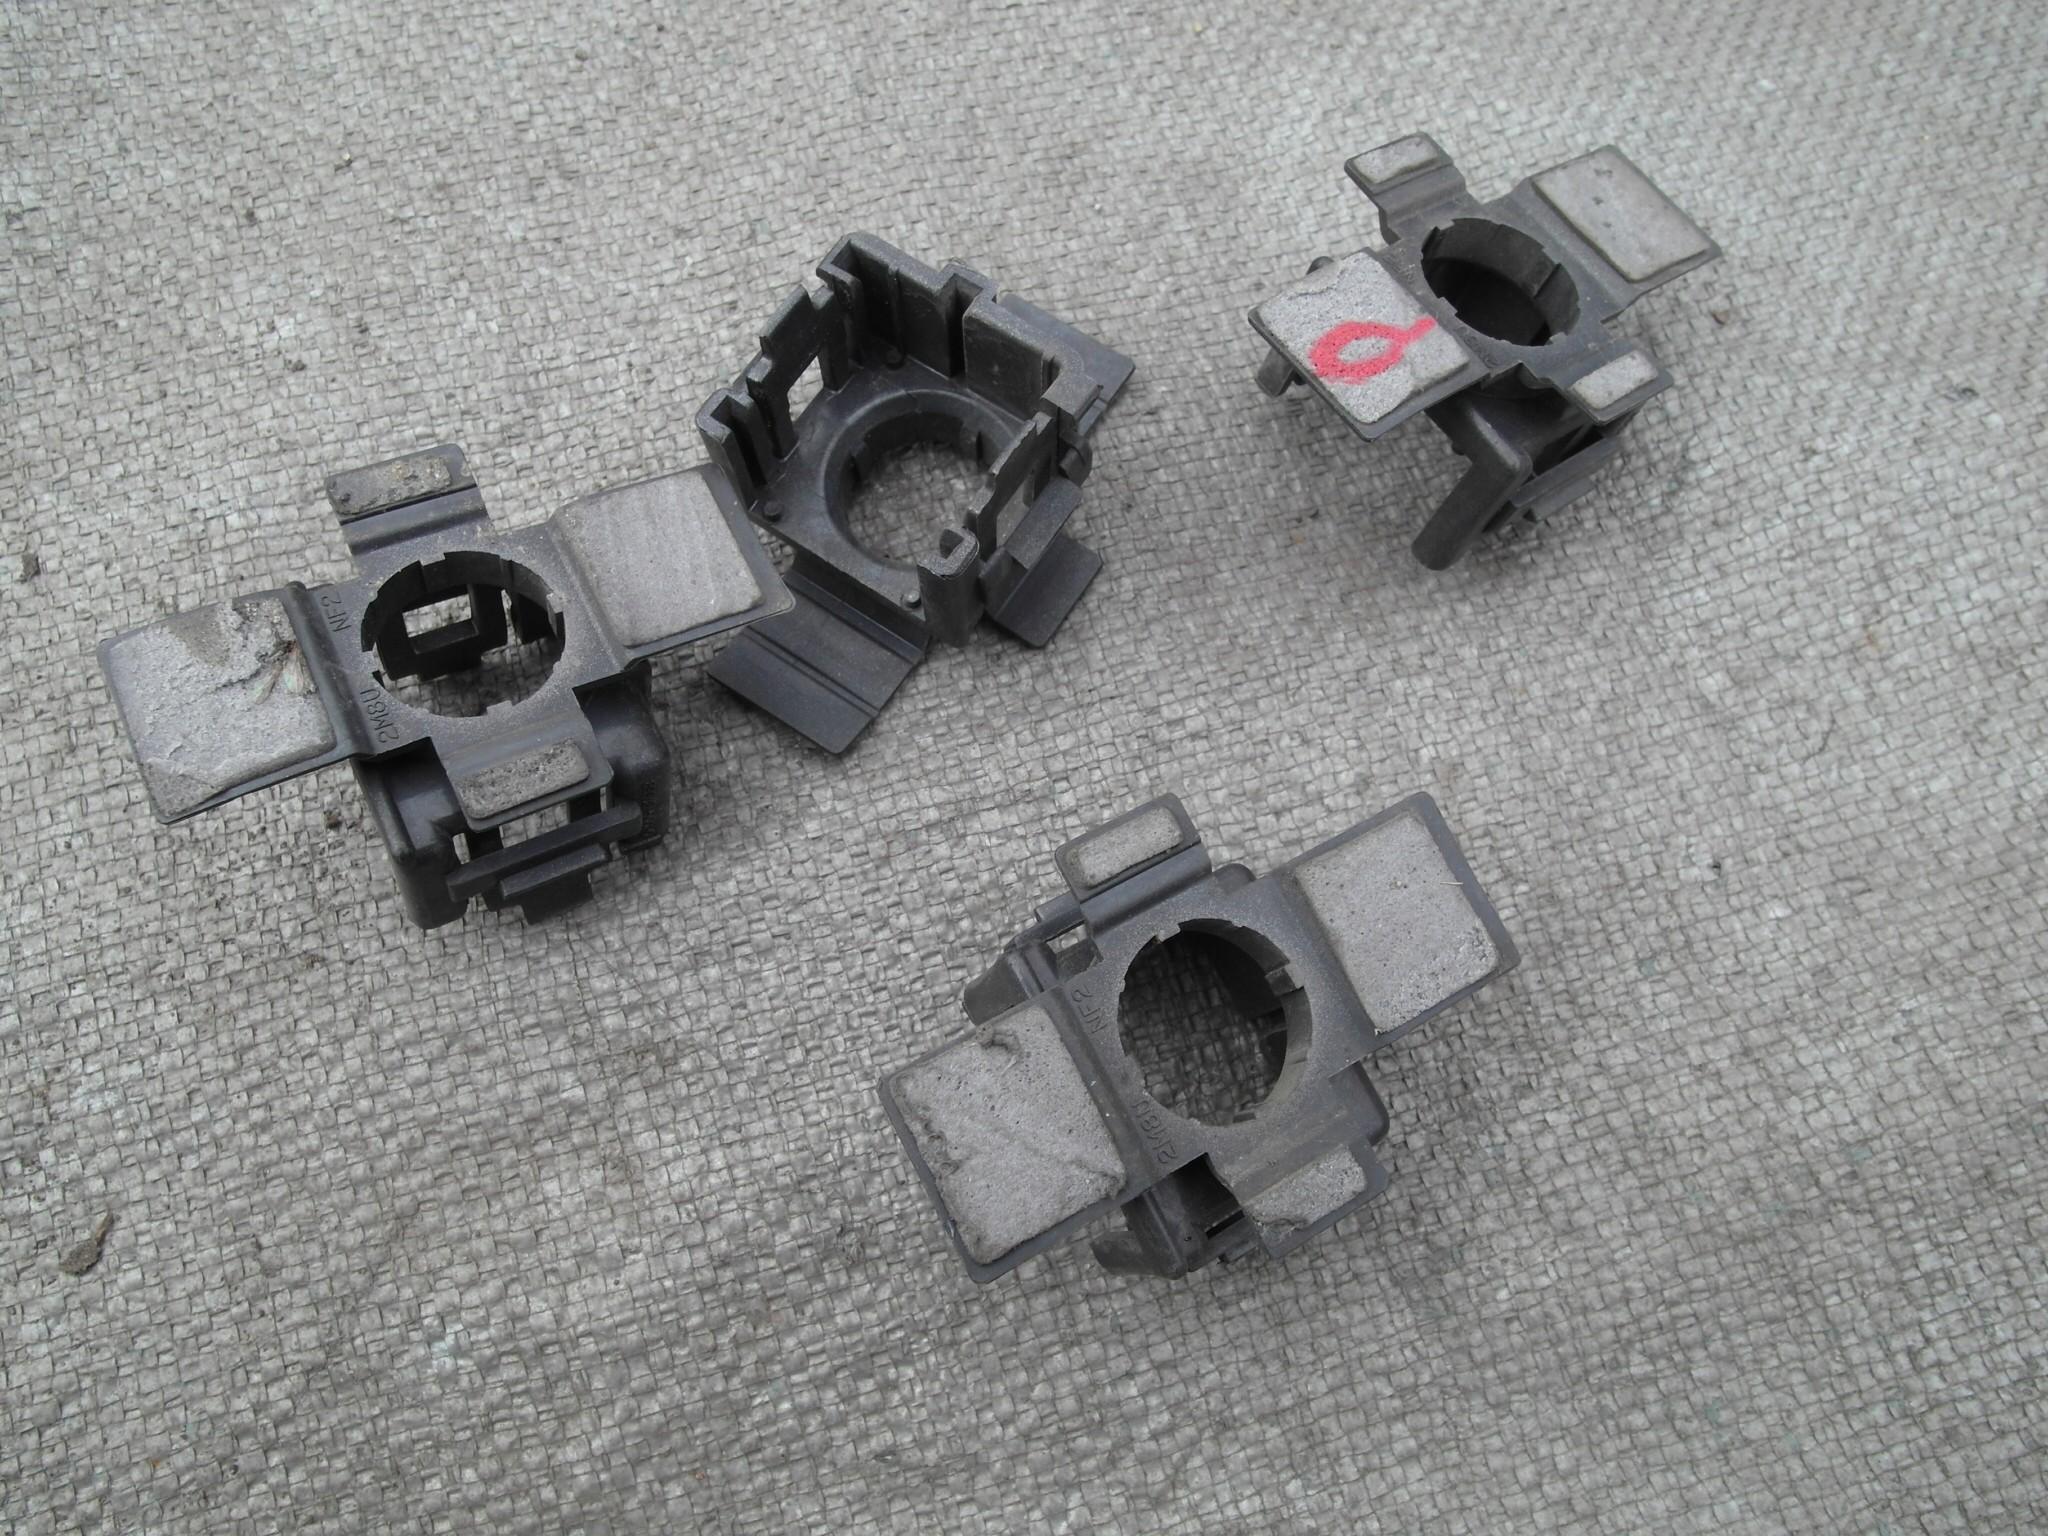 lexus ls600h 14- корзина корпус датчика pdc